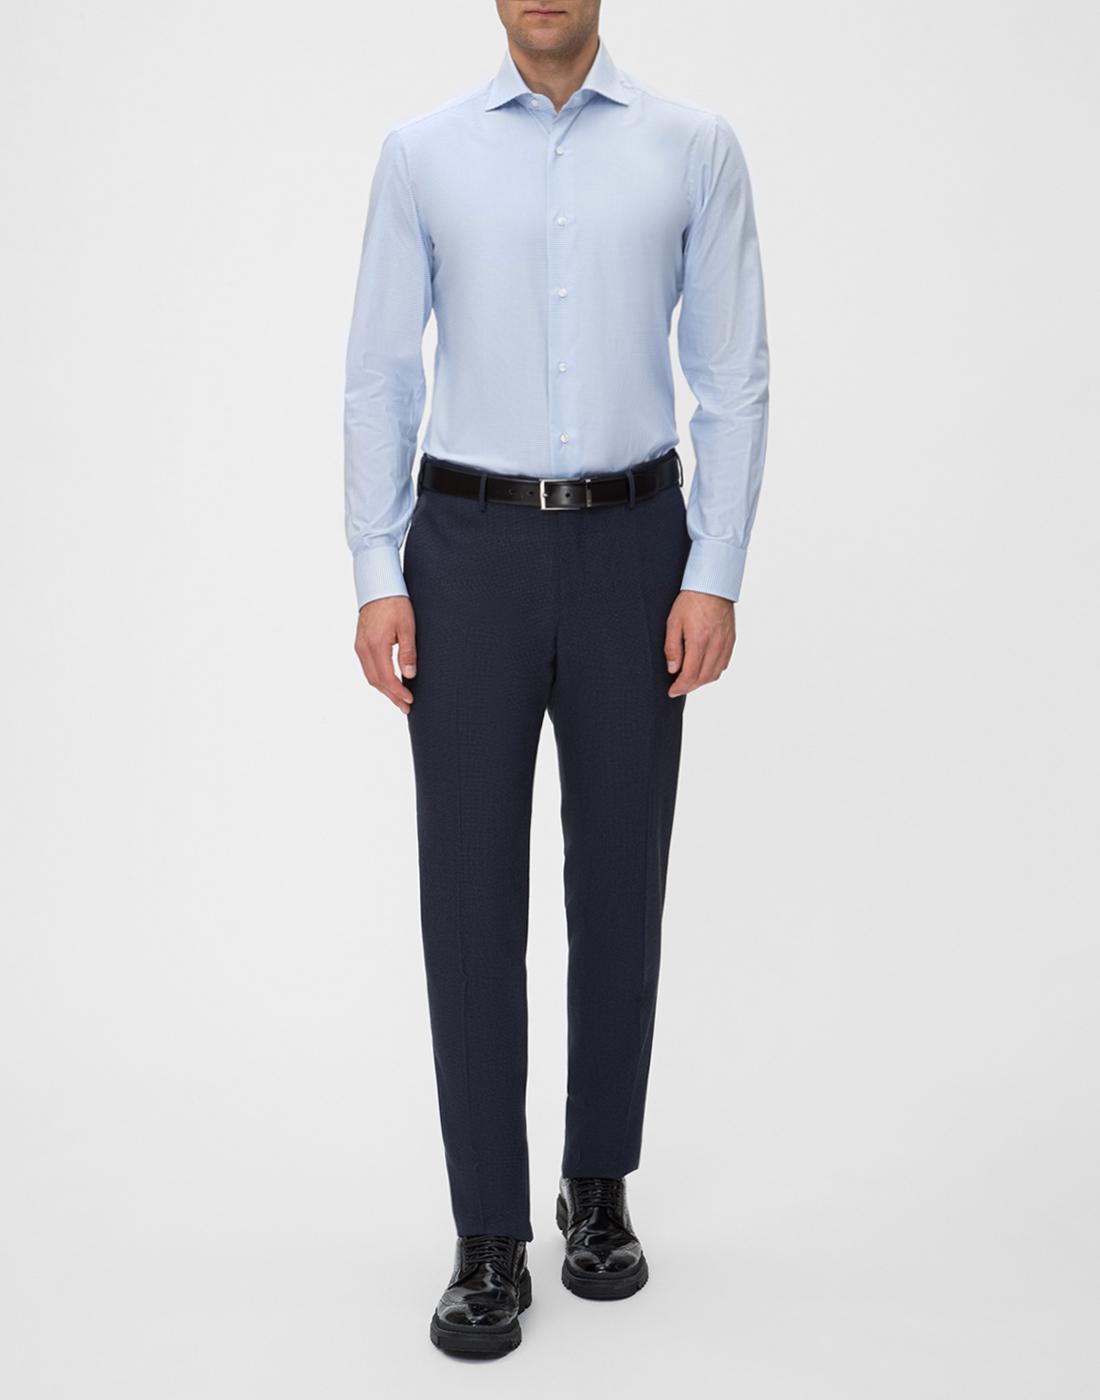 Мужская голубая рубашка в клетку Barba SD4U132593804U-5